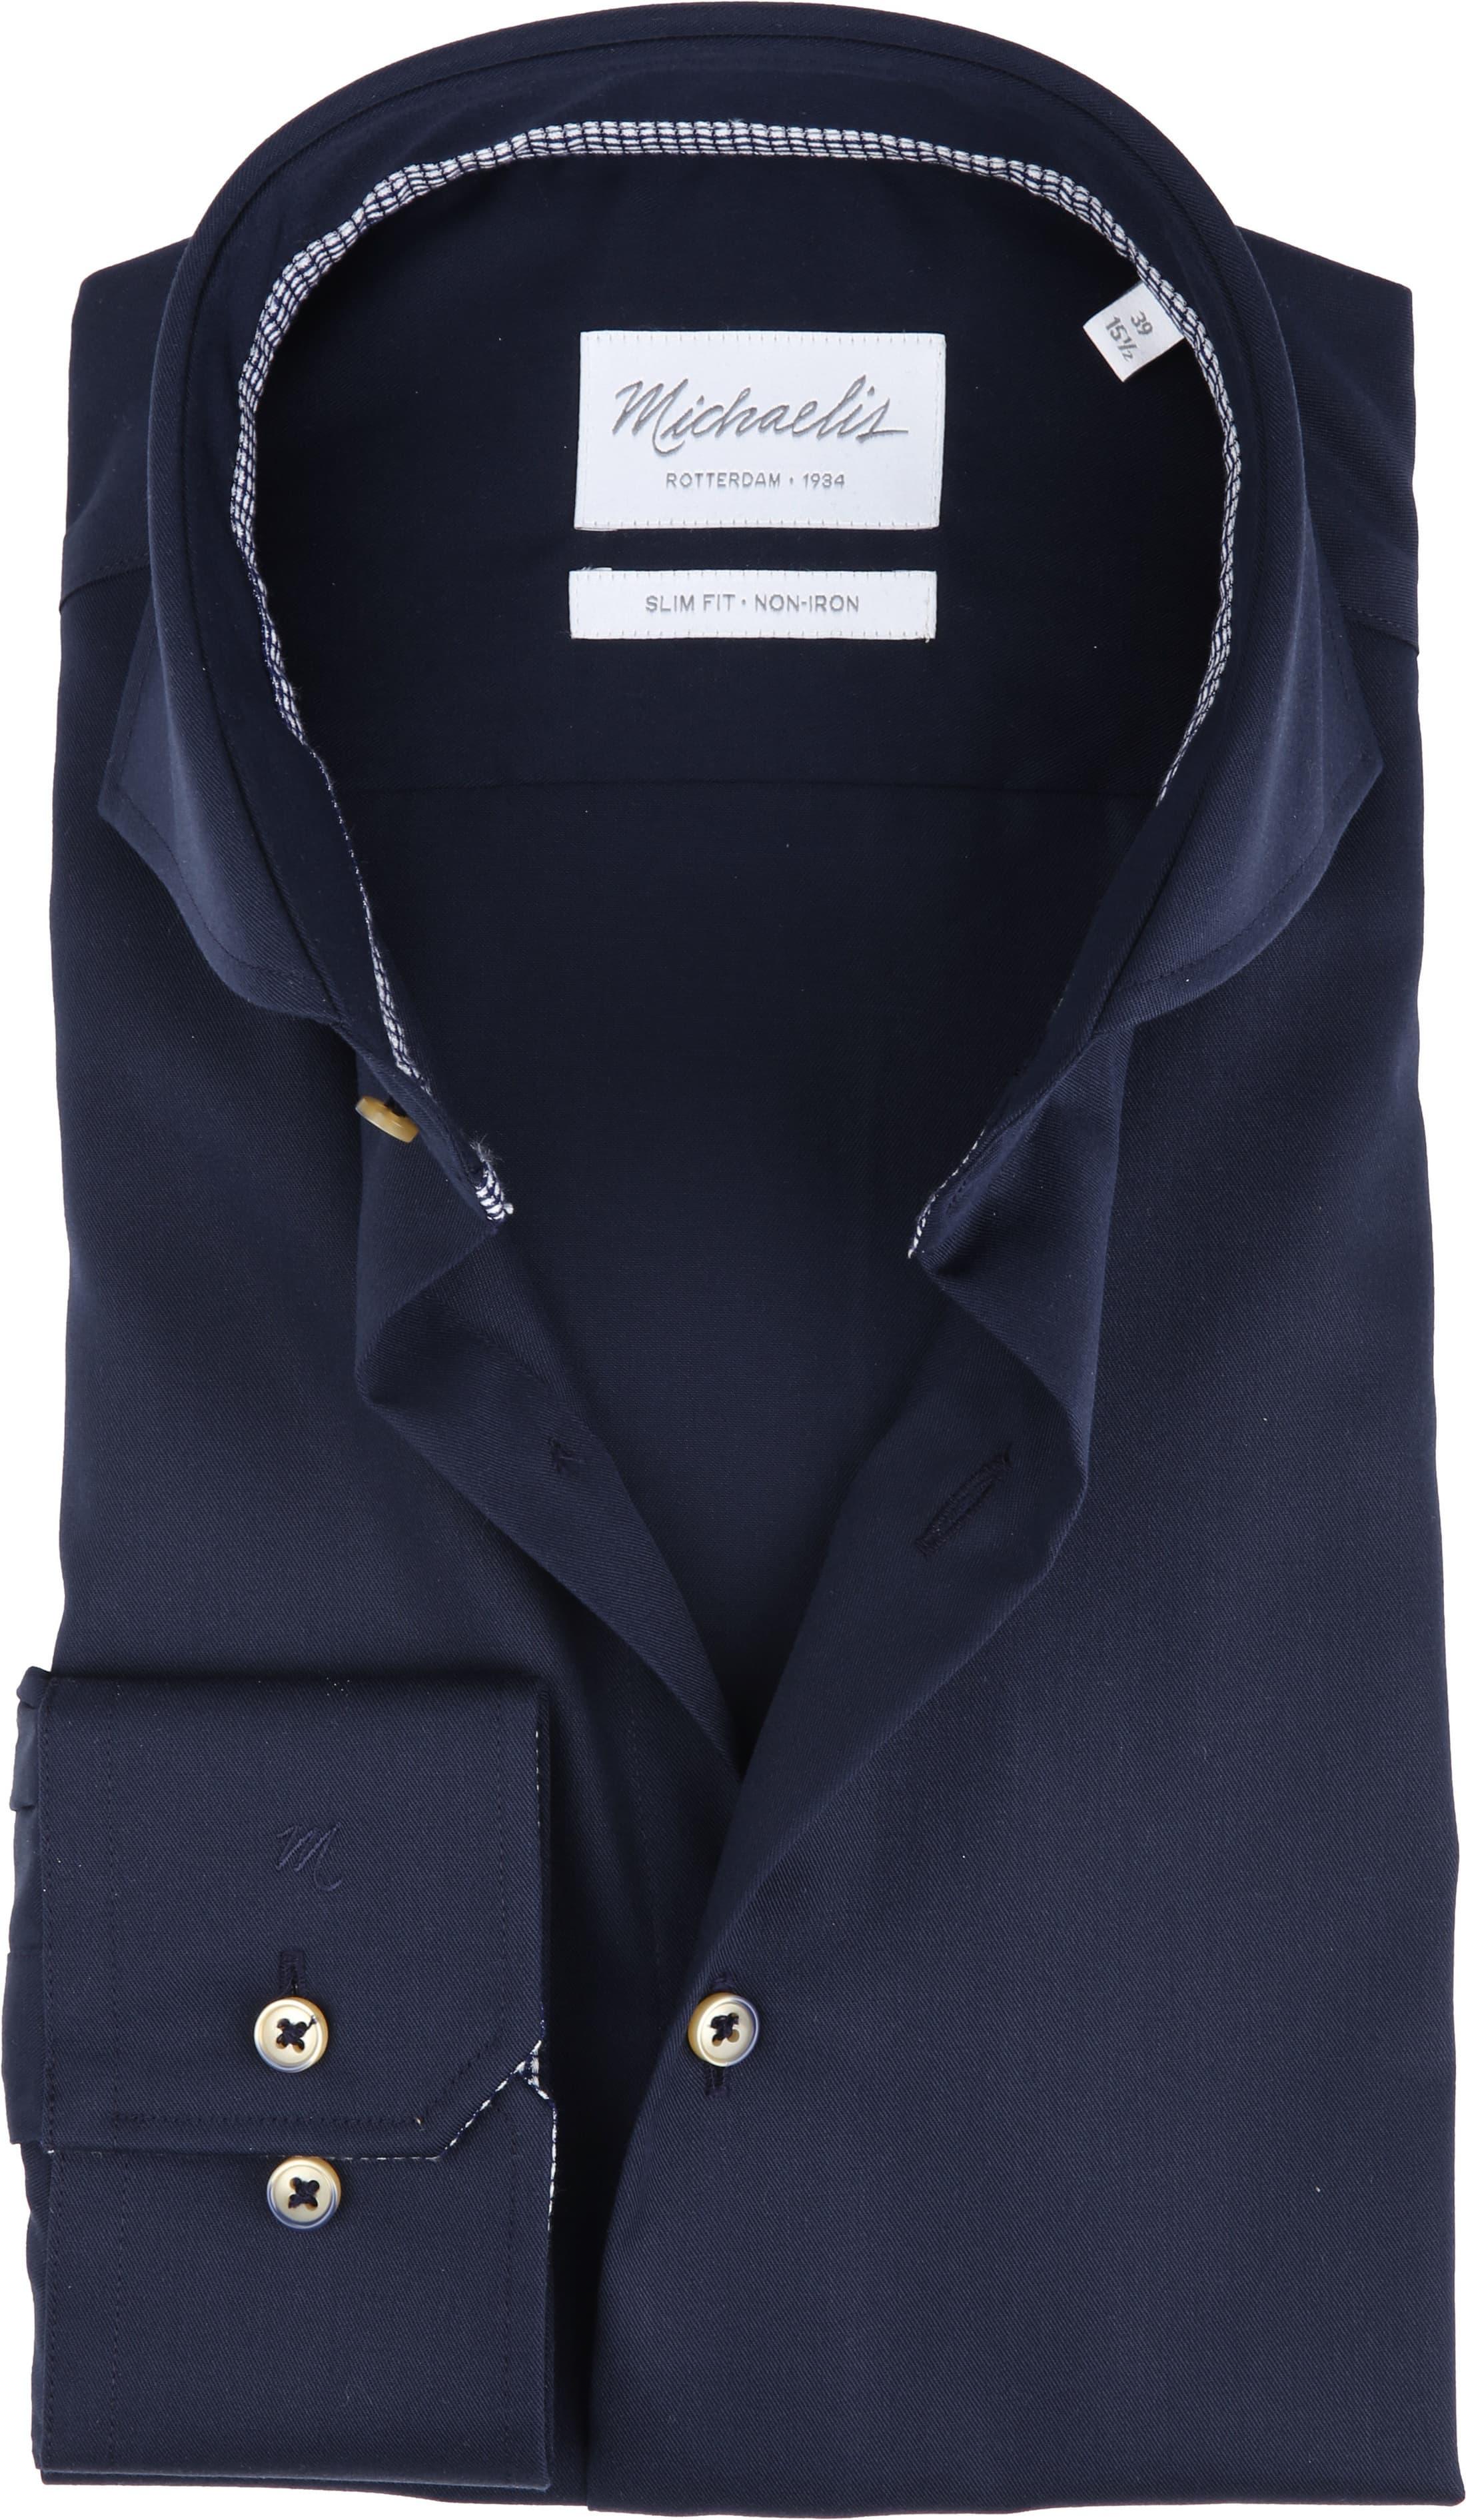 Michaelis Overhemd Strijkvrij Uni Navy foto 0